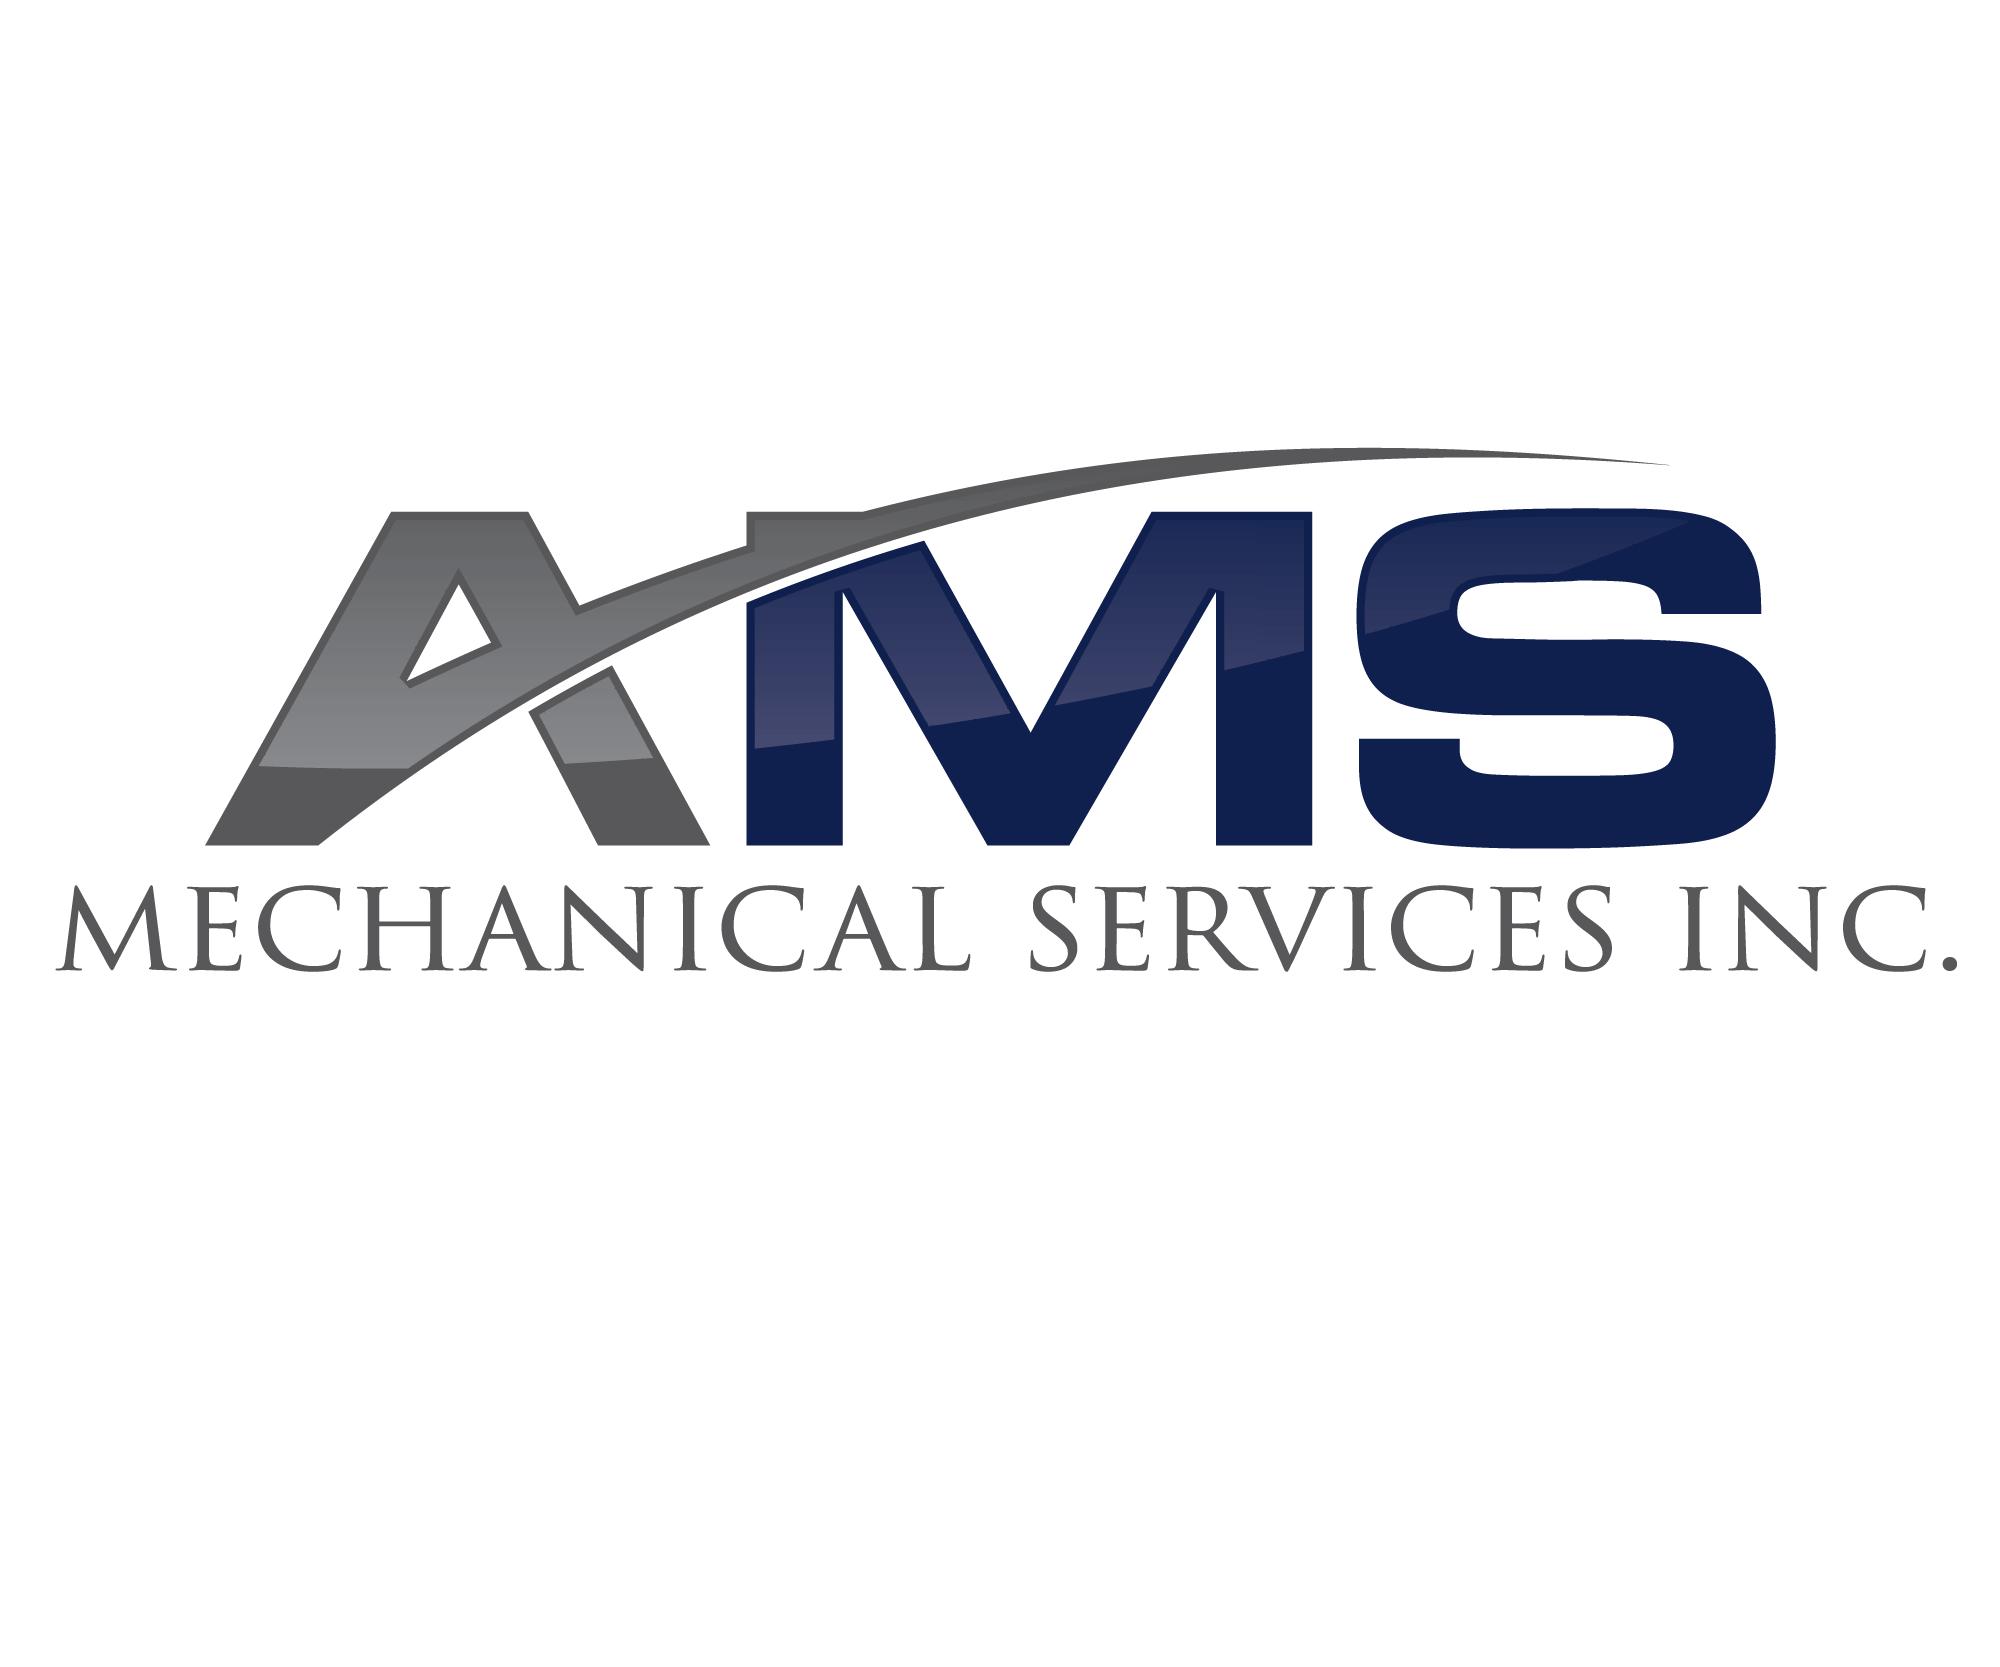 AMS Mechanical Services Inc